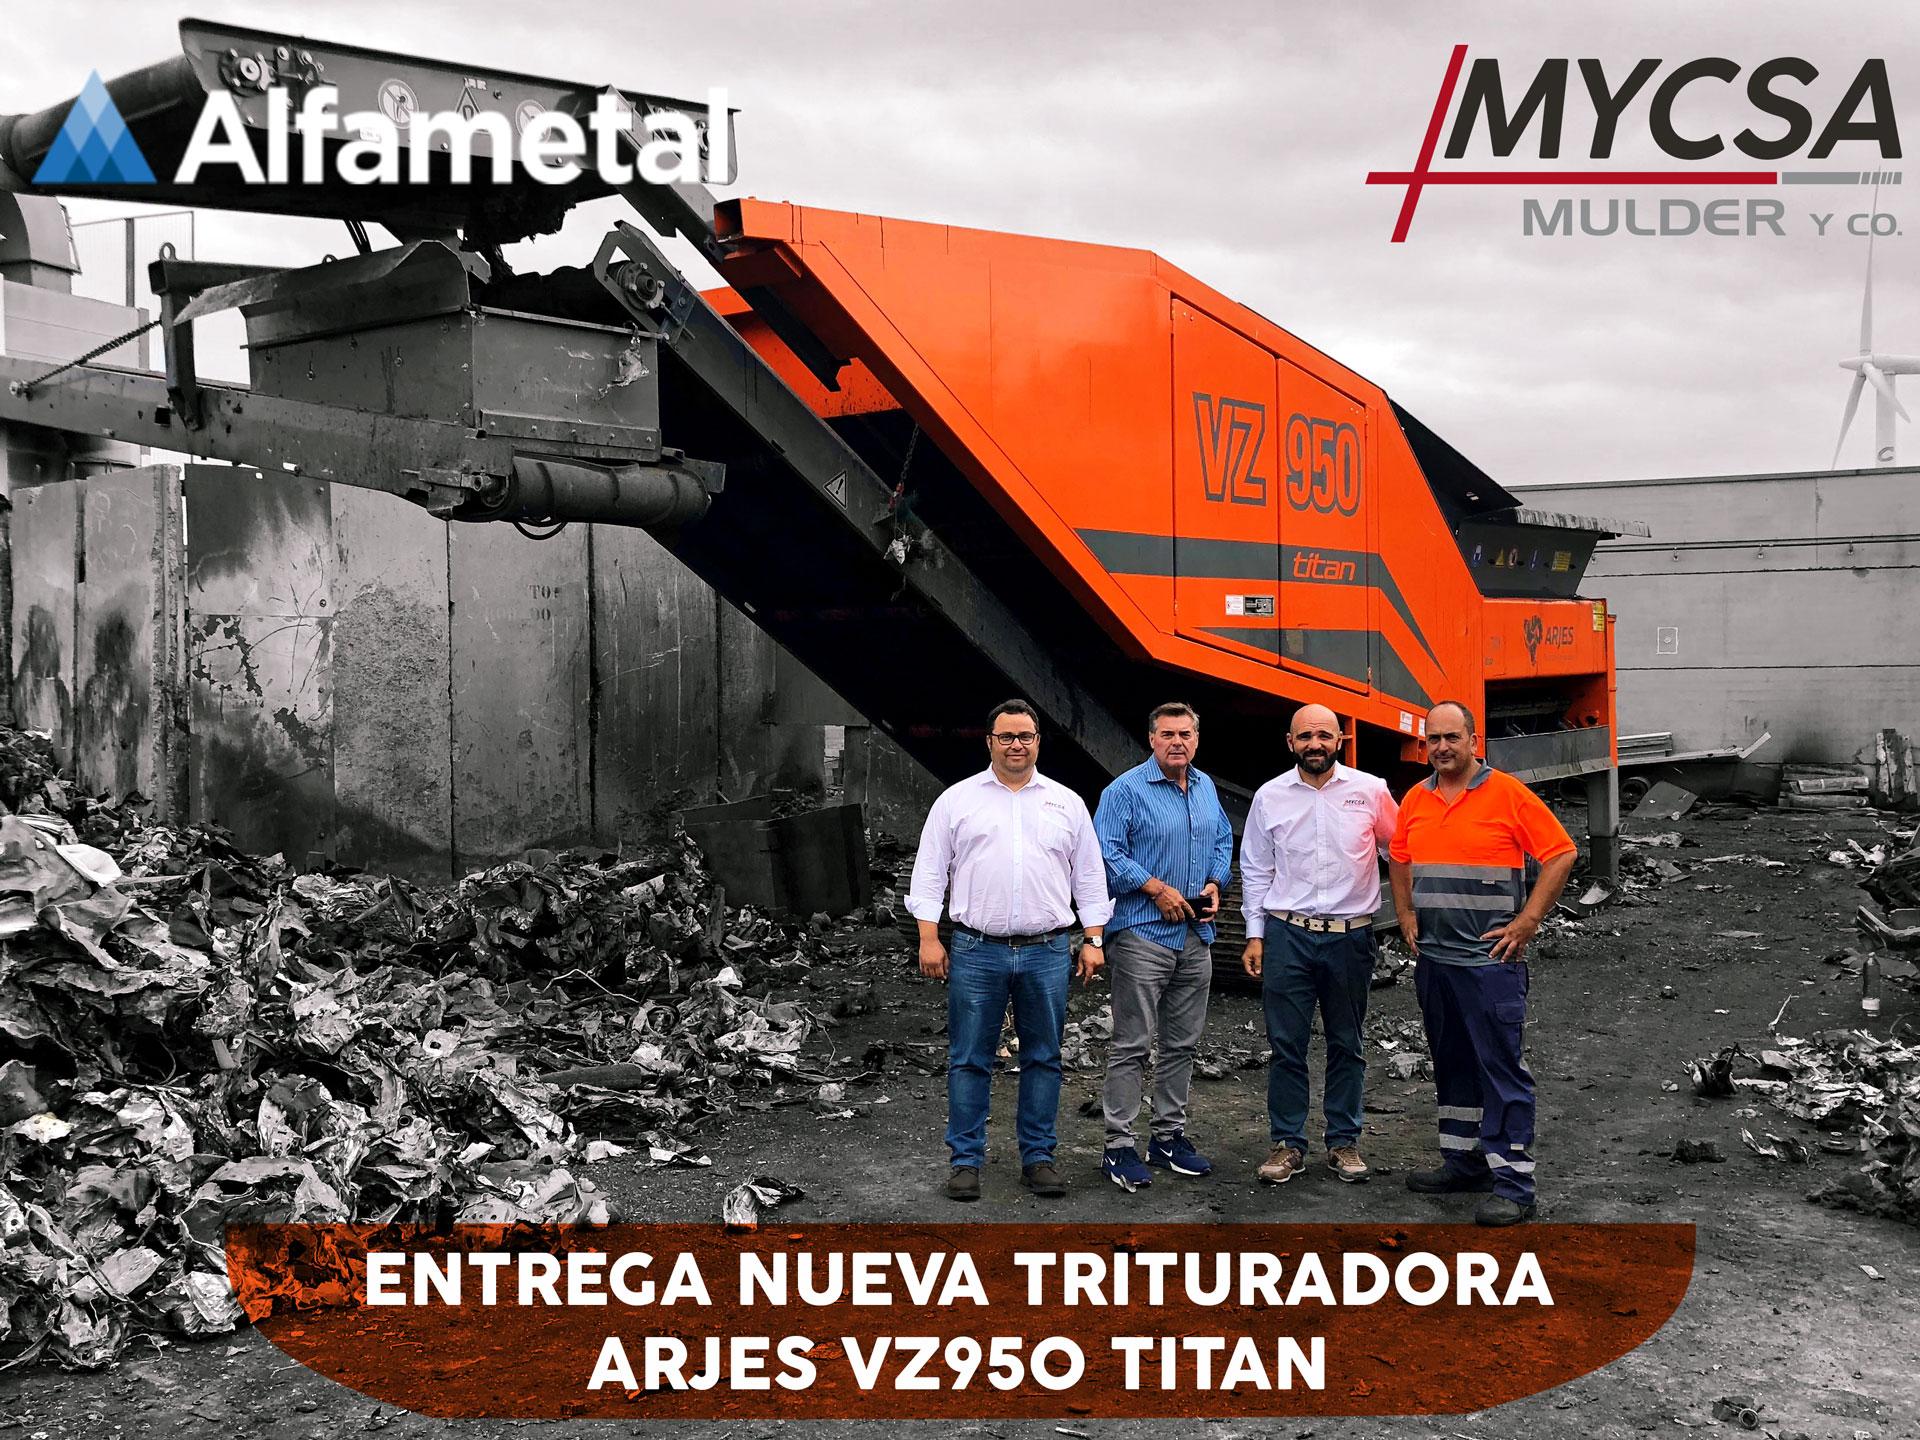 Entrega ARJES VZ950 TITAN - Alfametal - Mycsa Mulder